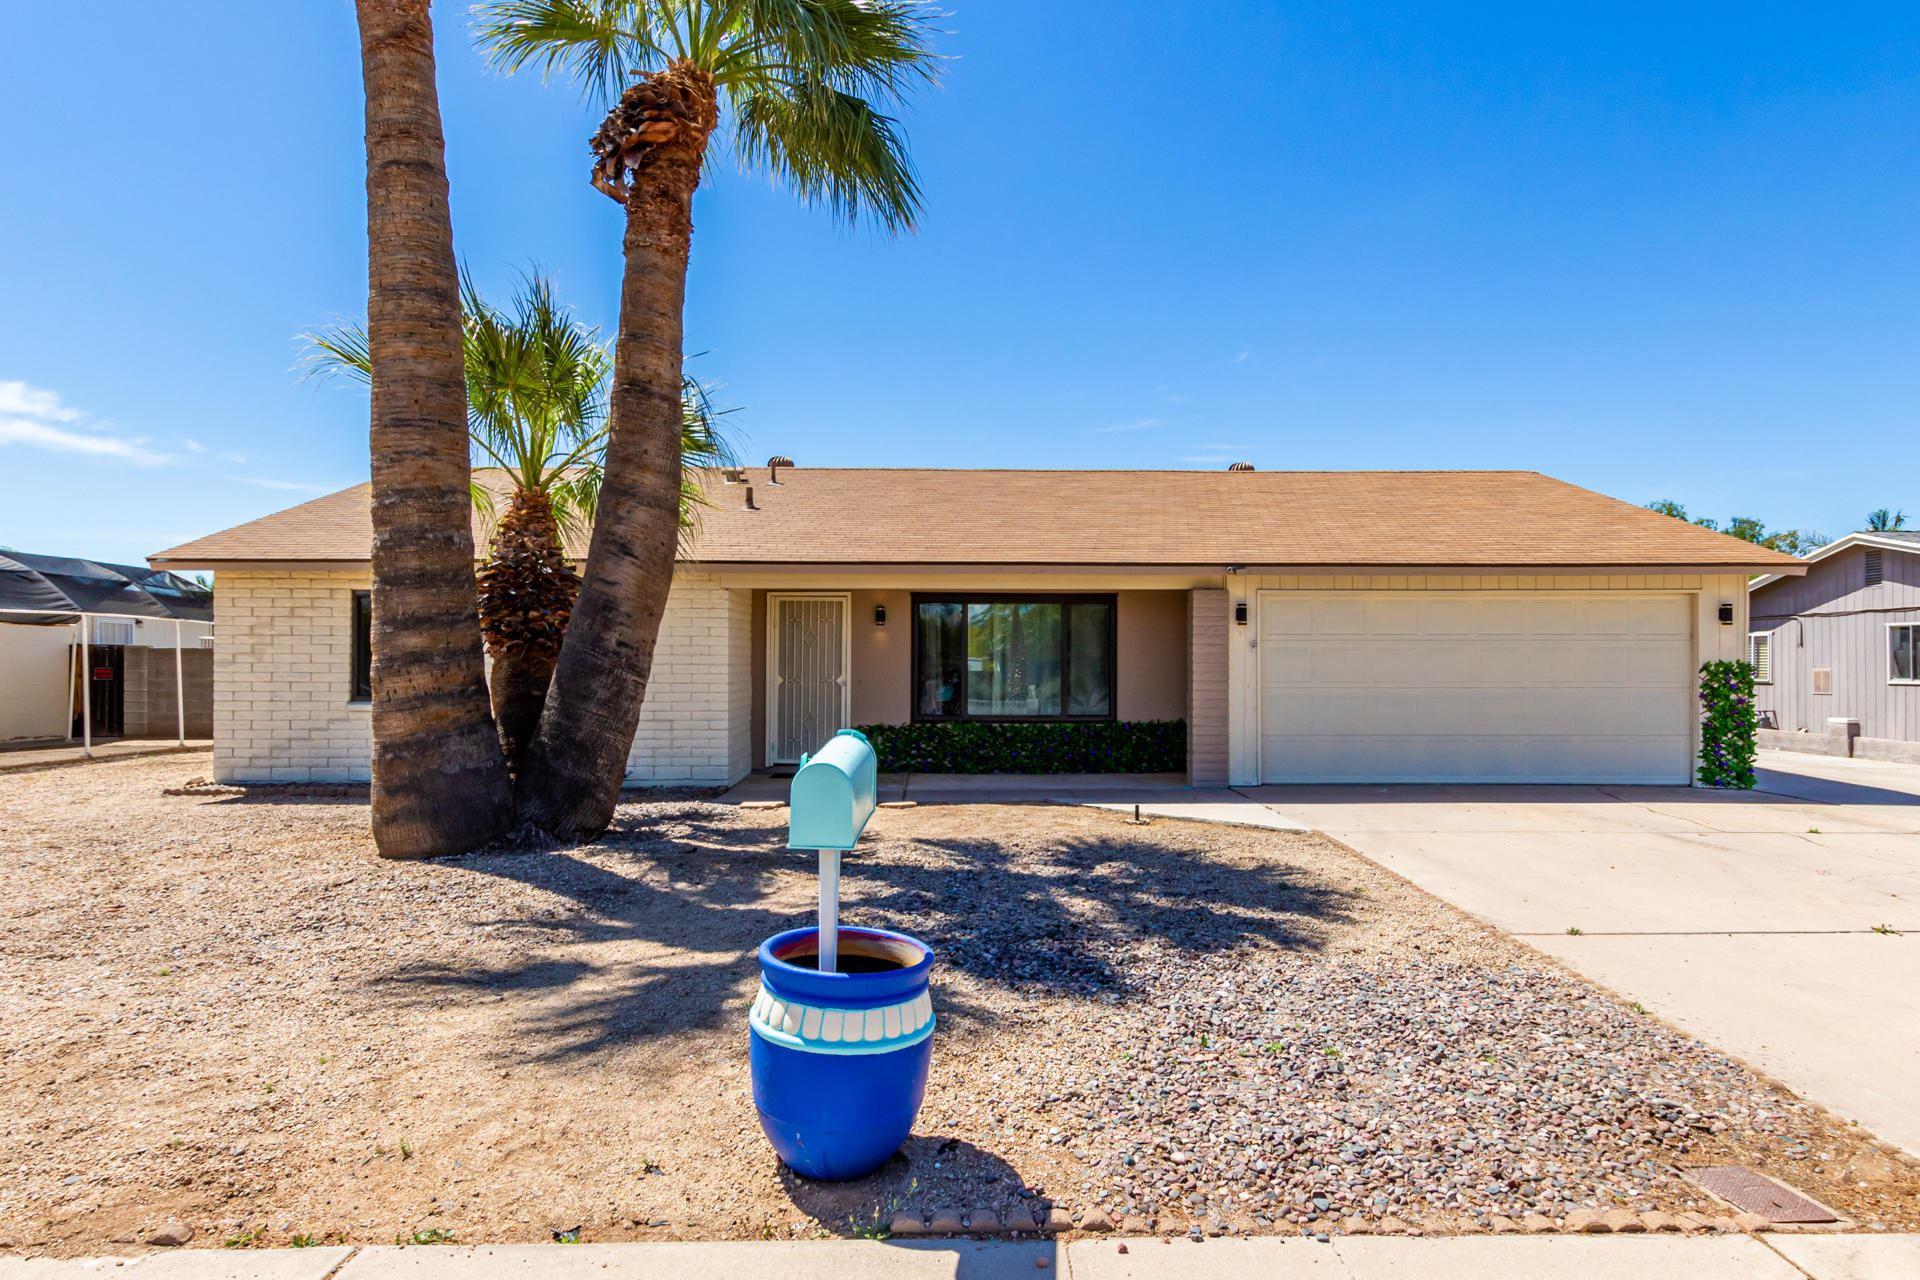 3617 W VOLTAIRE Avenue, Phoenix, AZ 85029 - MLS#: 6228595